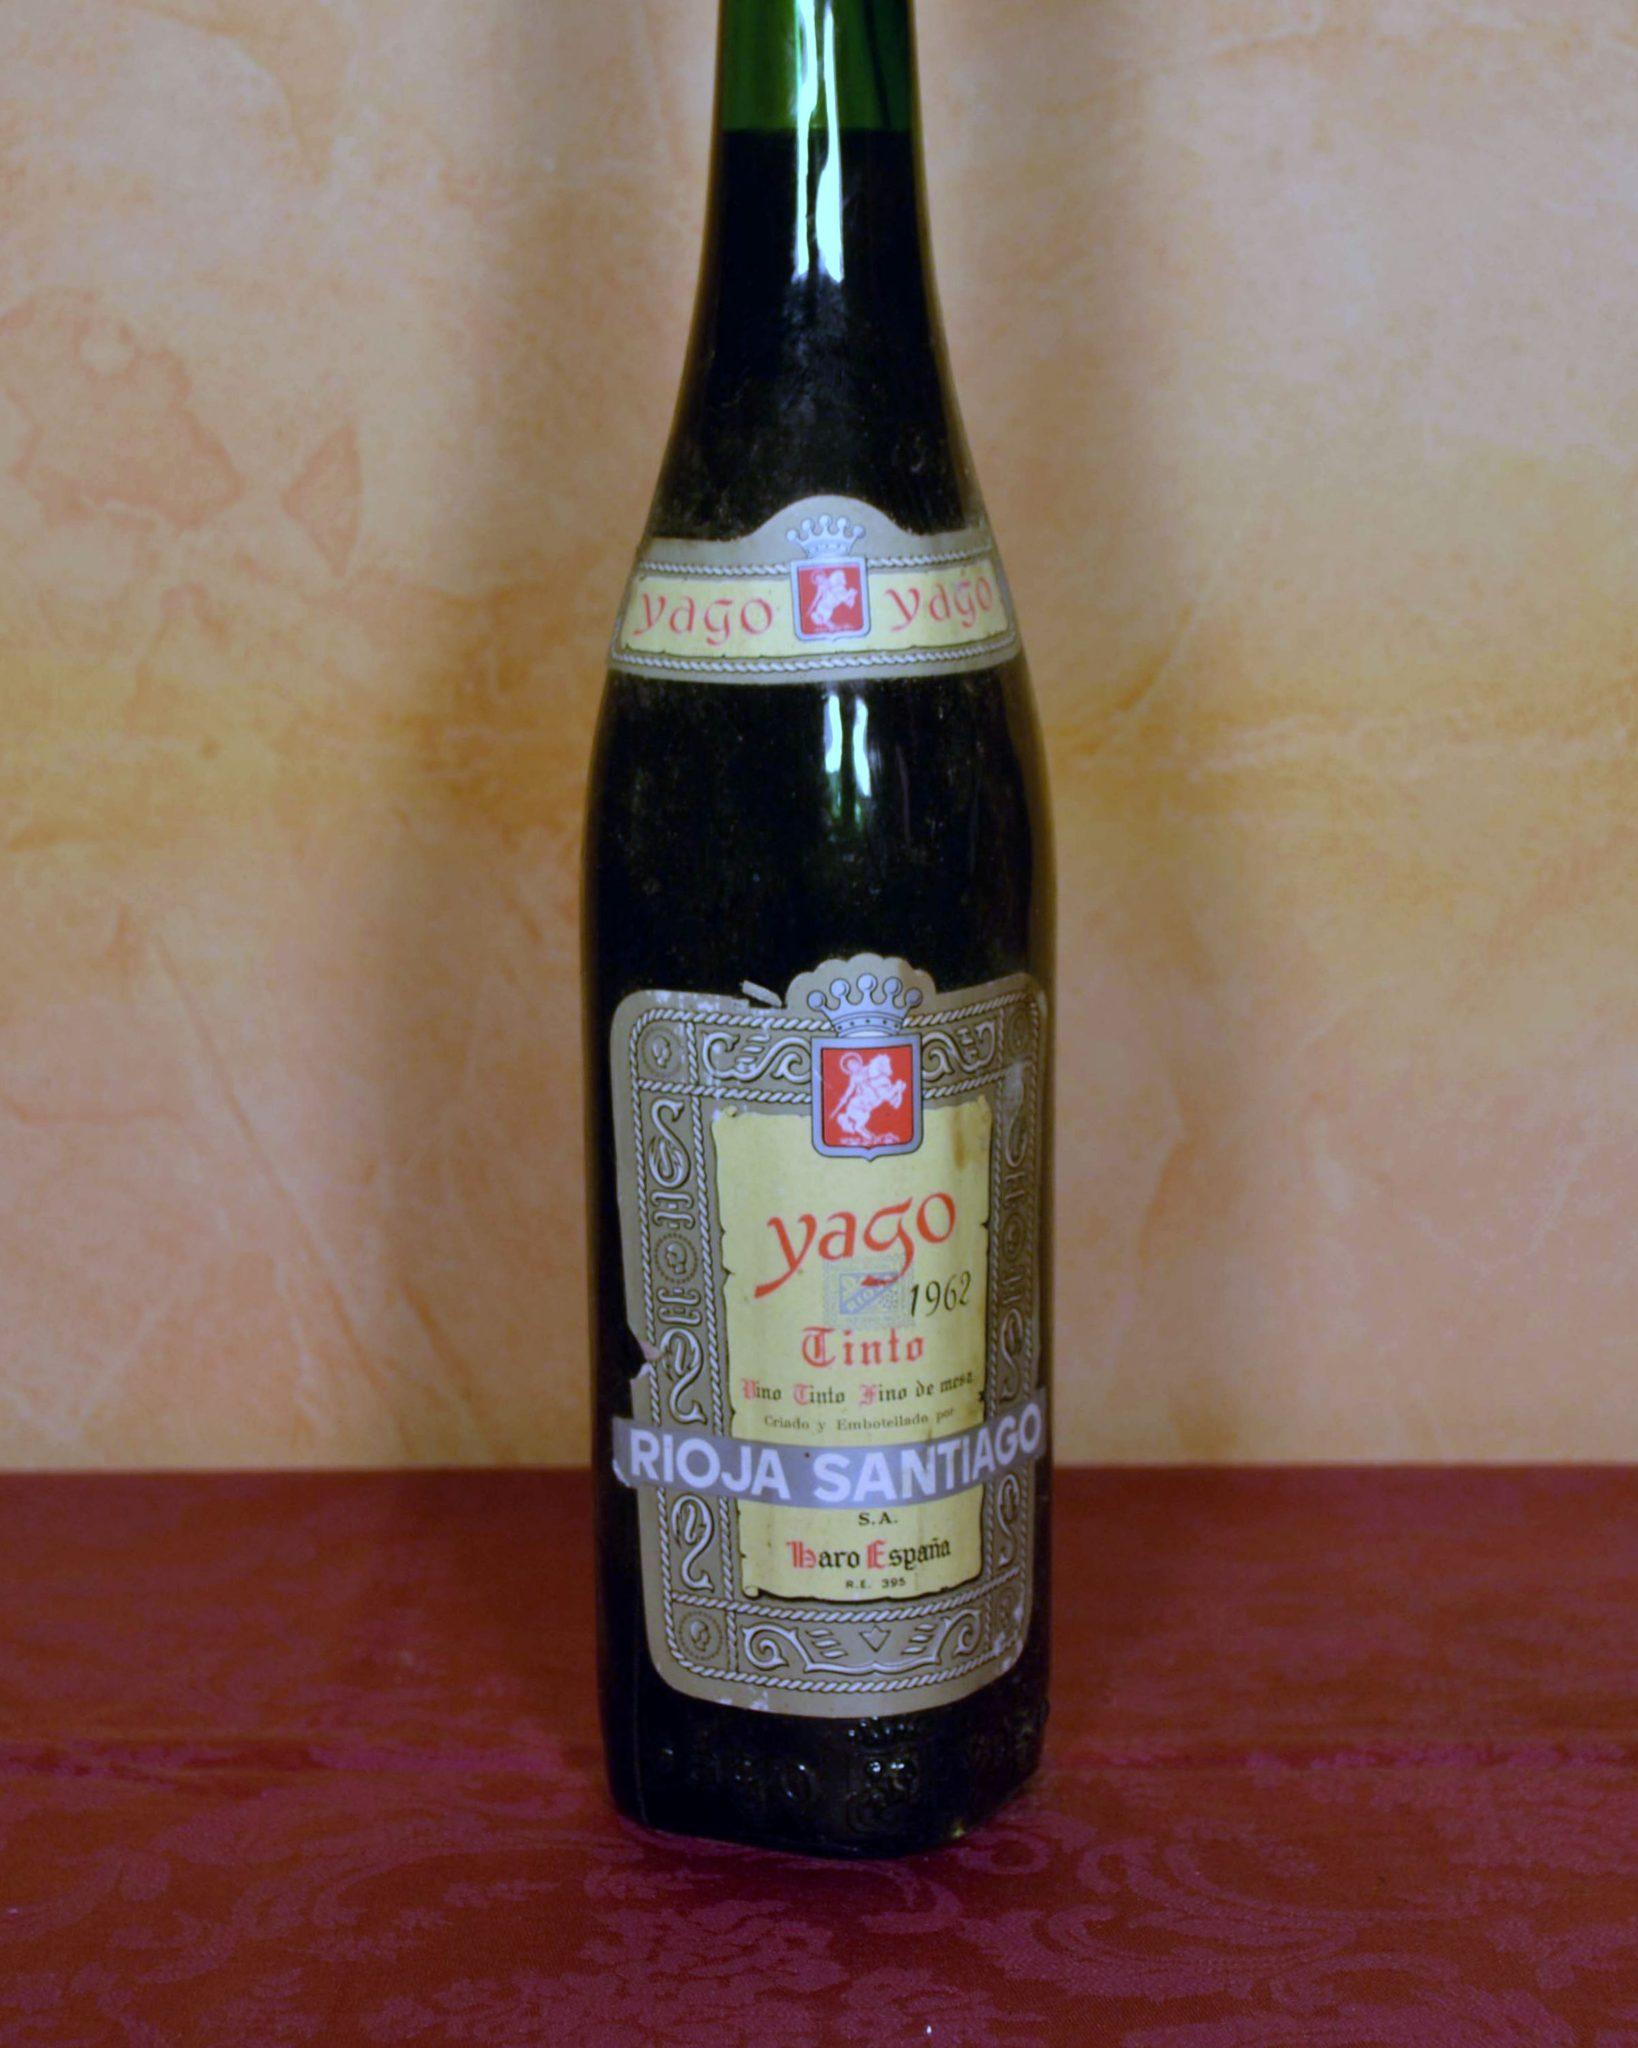 Yago Rioja Santiago Vintage 1962